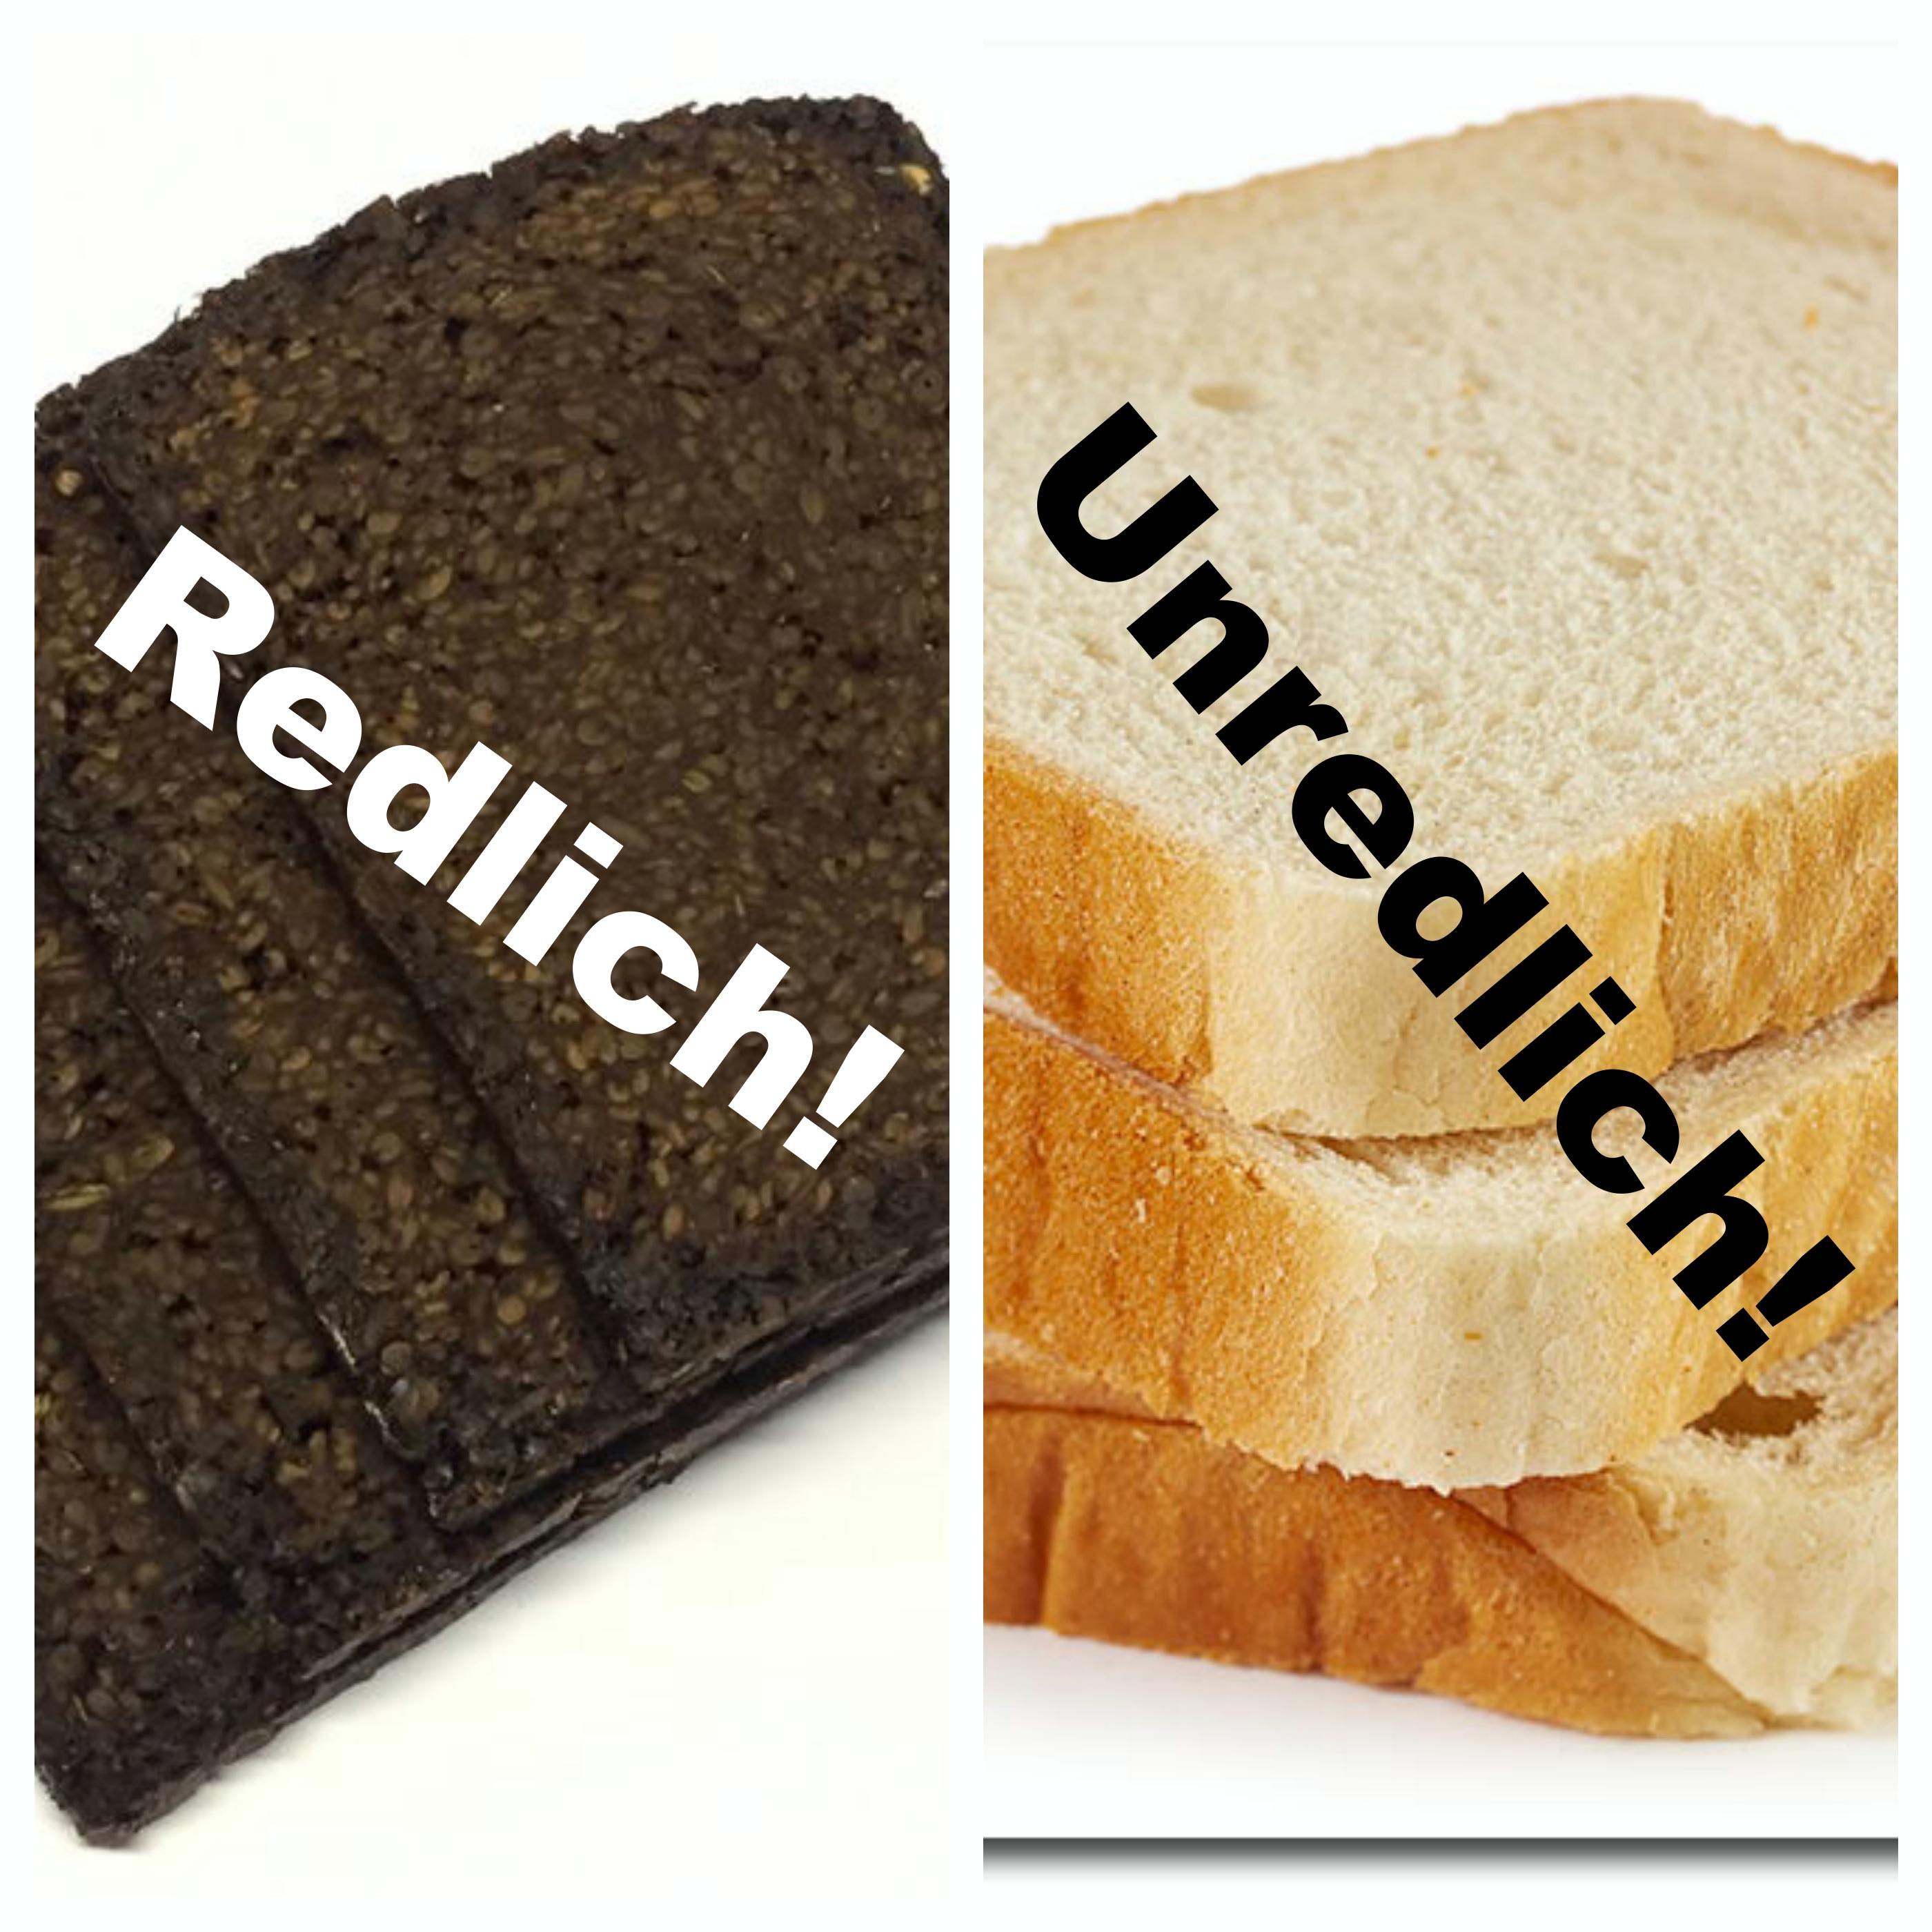 Brot ist ungesund